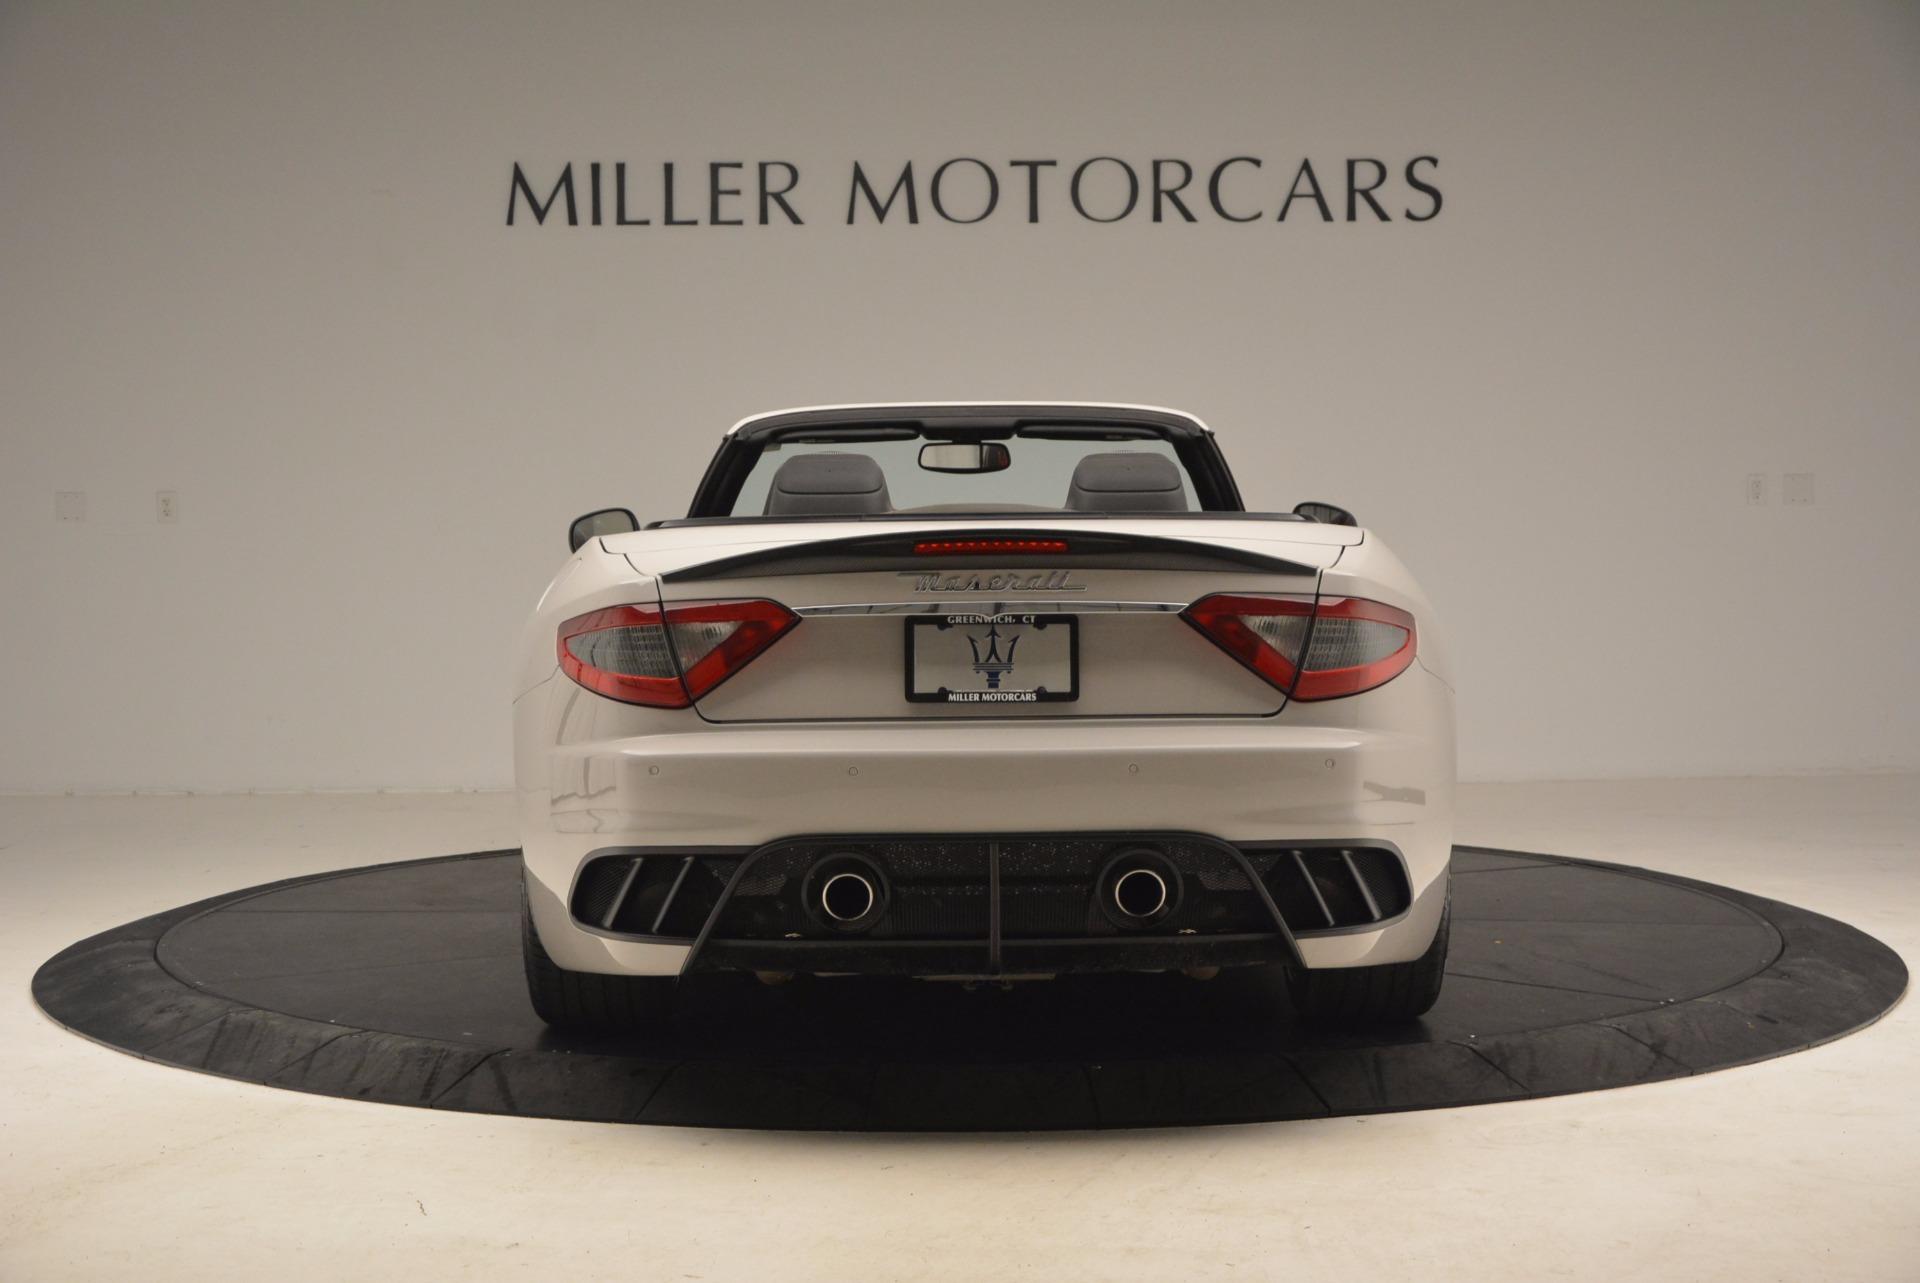 Used 2015 Maserati GranTurismo MC Centennial For Sale In Greenwich, CT 1107_p6